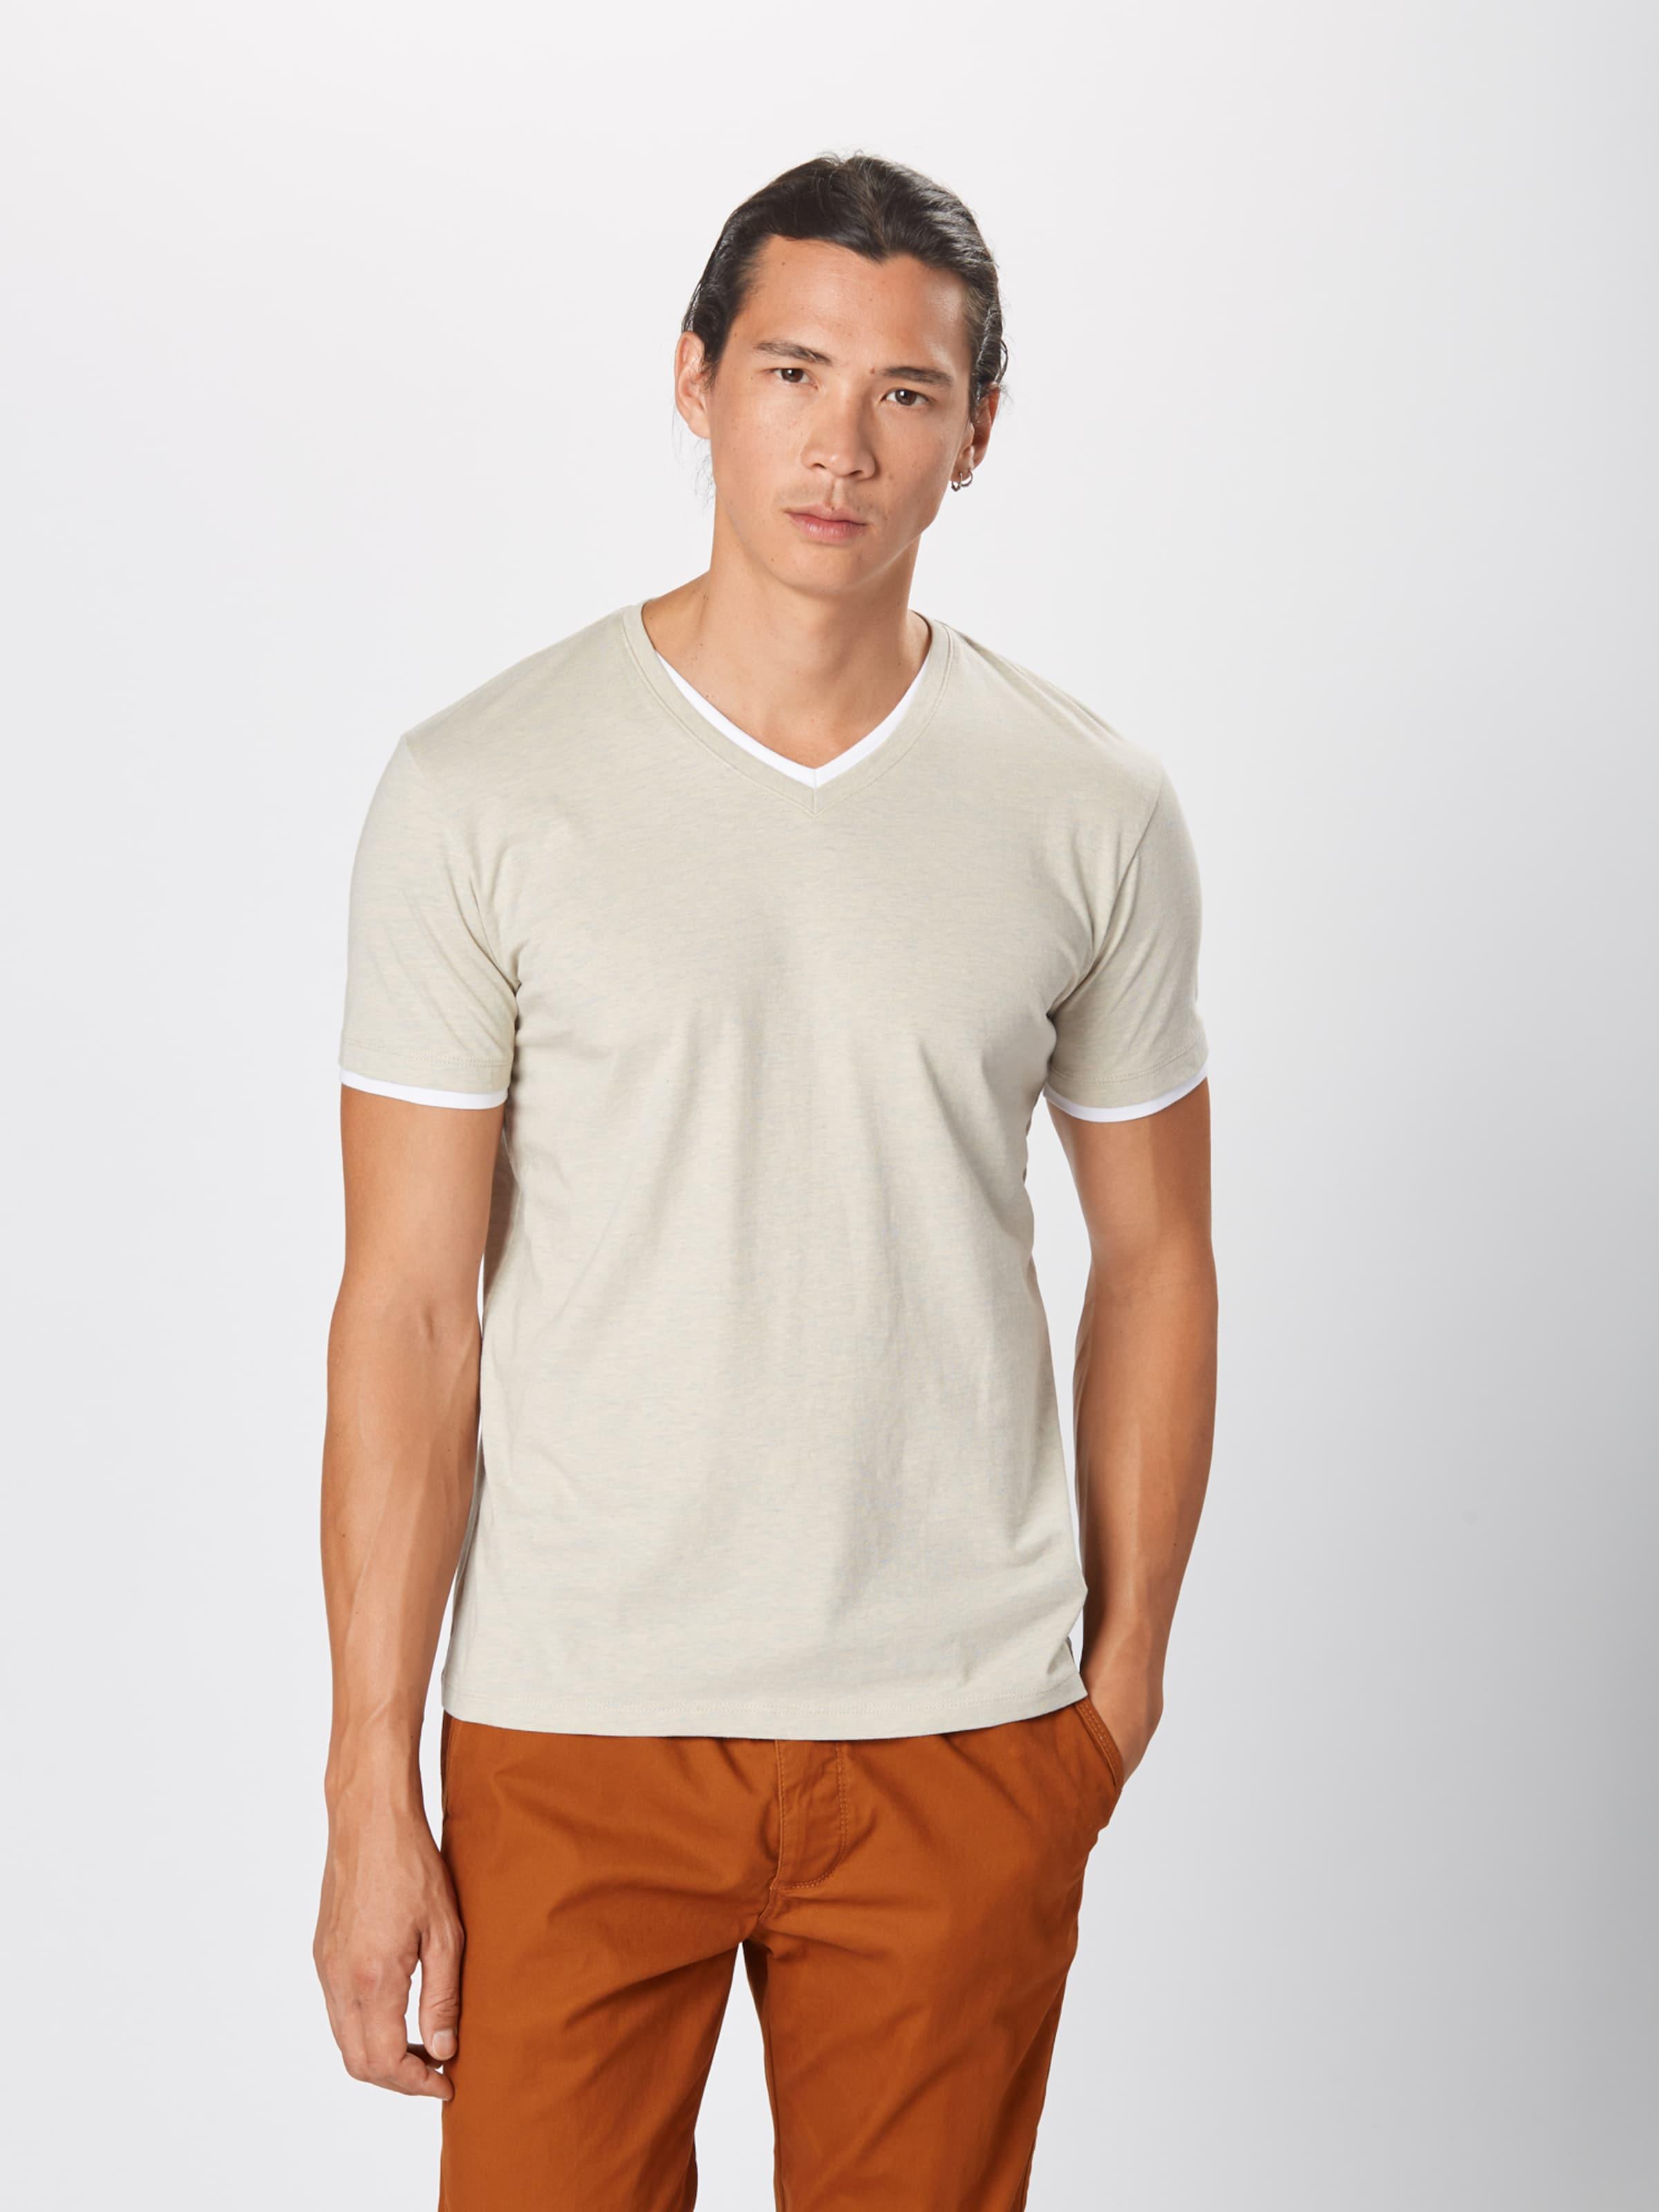 Beige En 089ee2k010' Esprit T shirt 'sg UzMVpqGS